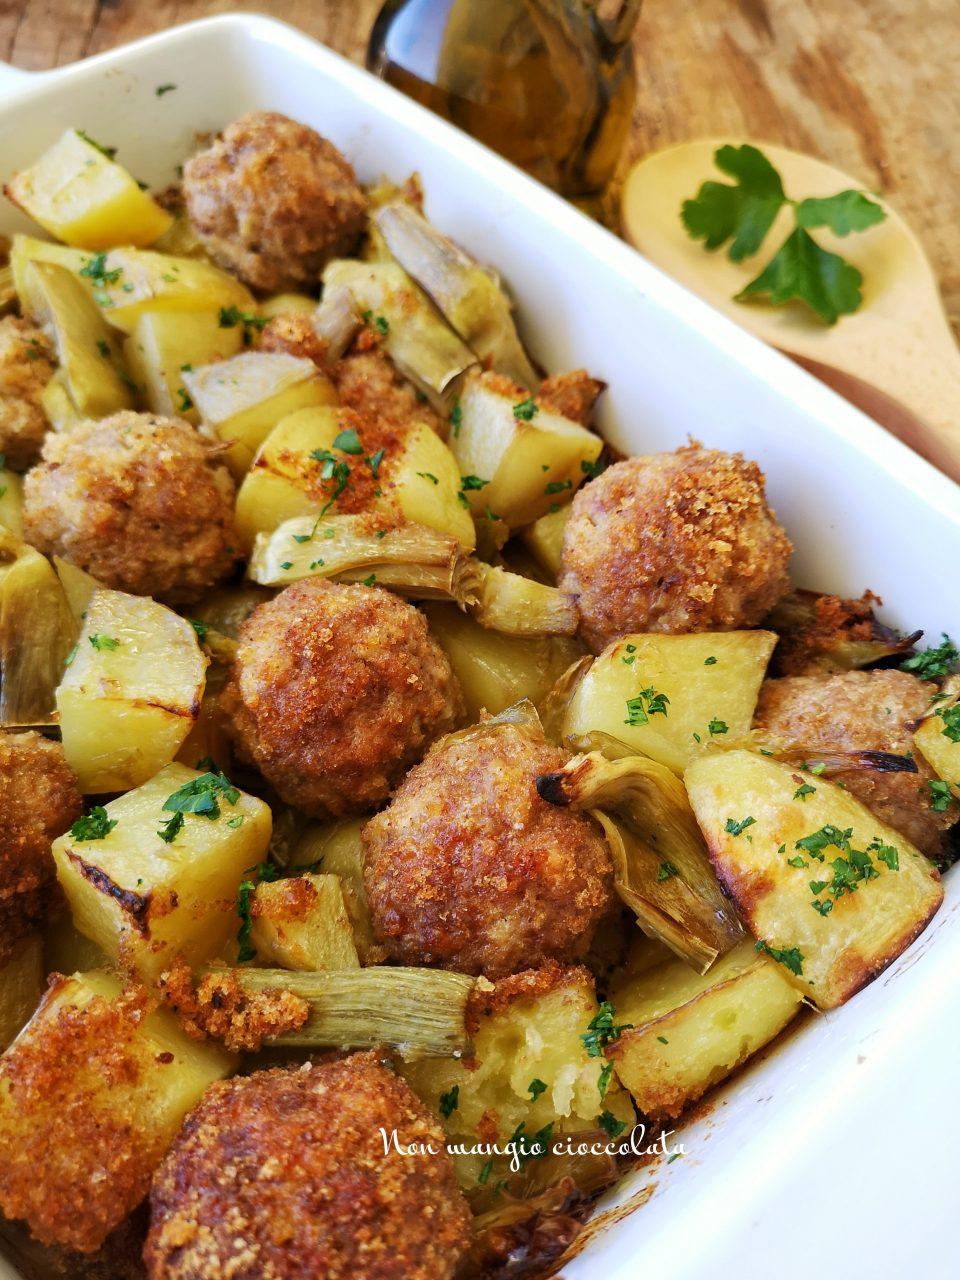 Polpette con patate e carciofi al forno